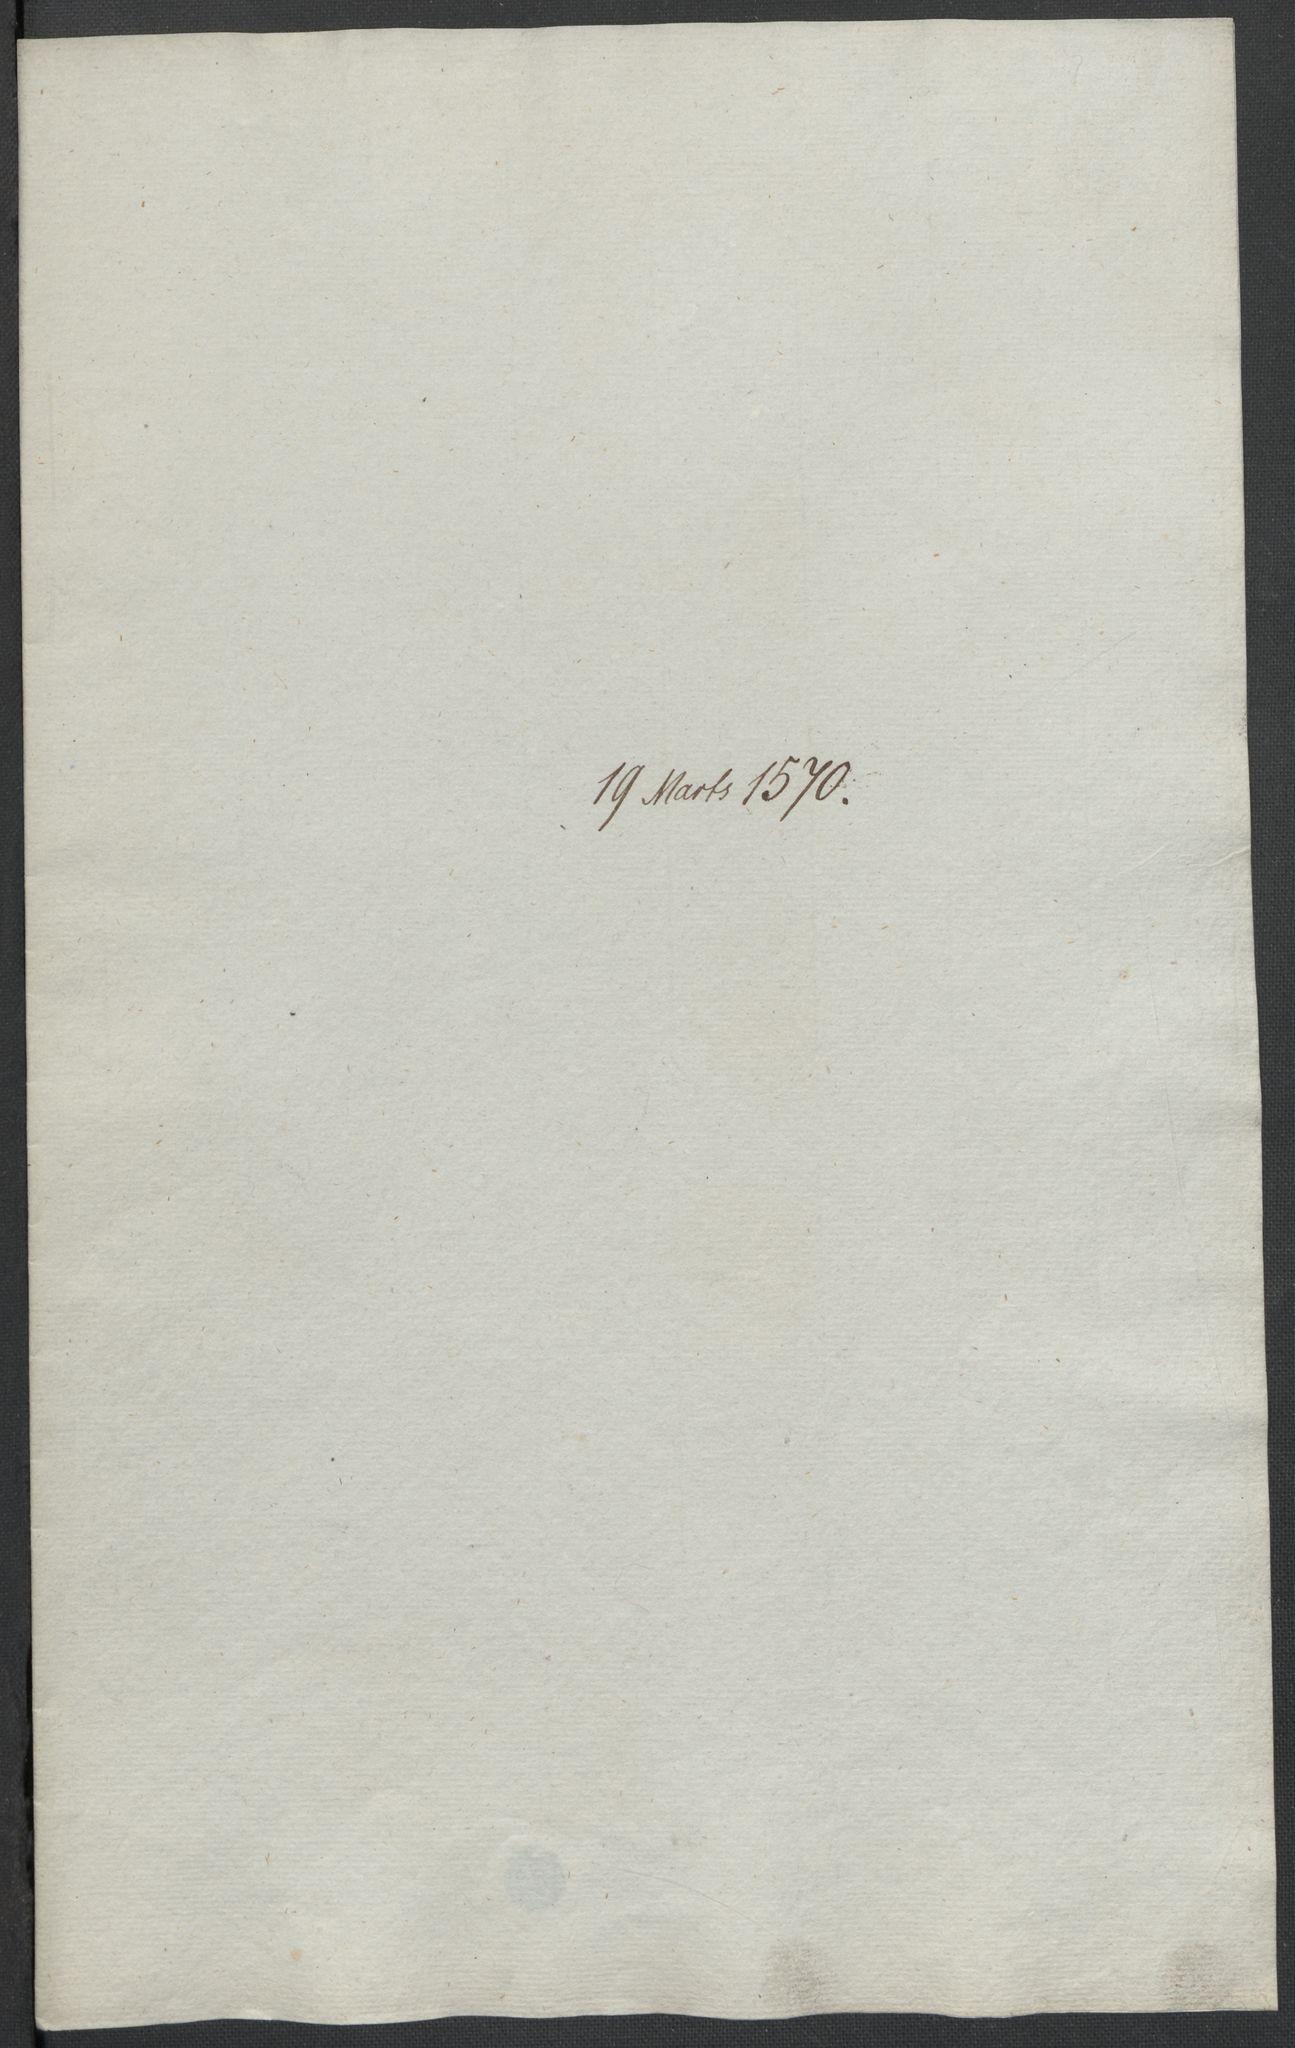 RA, Riksarkivets diplomsamling, F02/L0075: Dokumenter, 1570-1571, s. 12